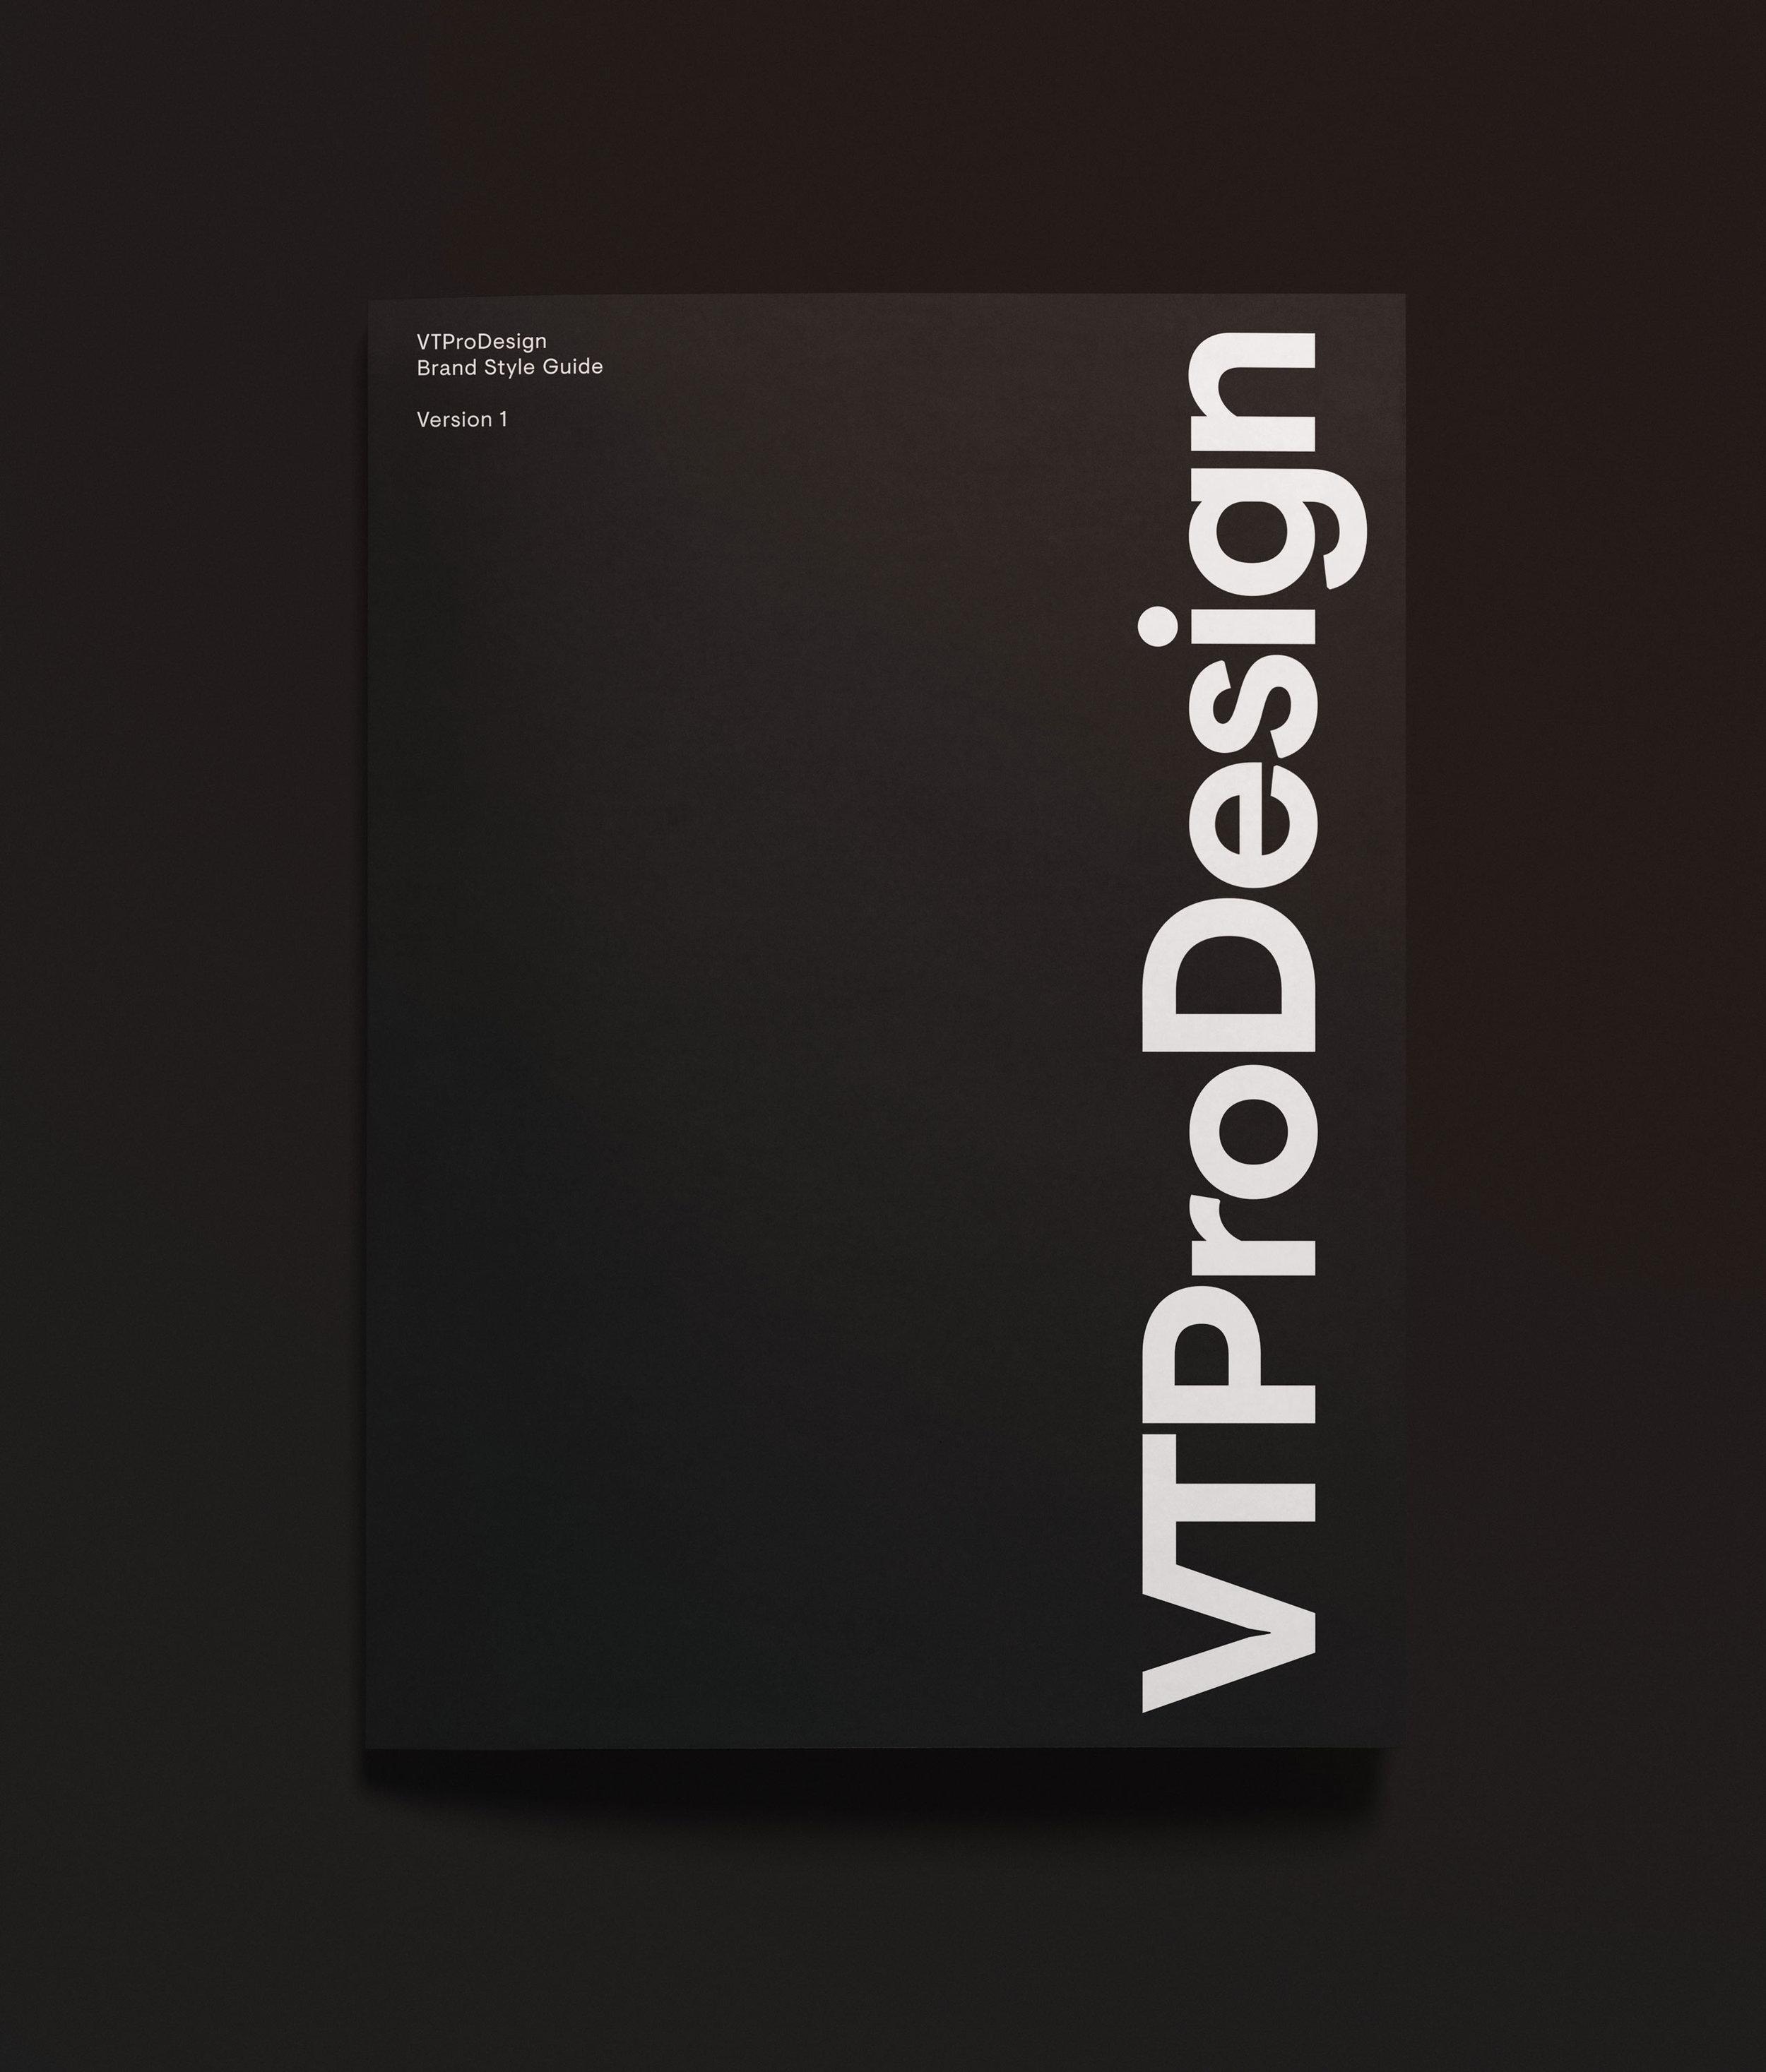 Forth + Back - VT Pro Design11.jpg